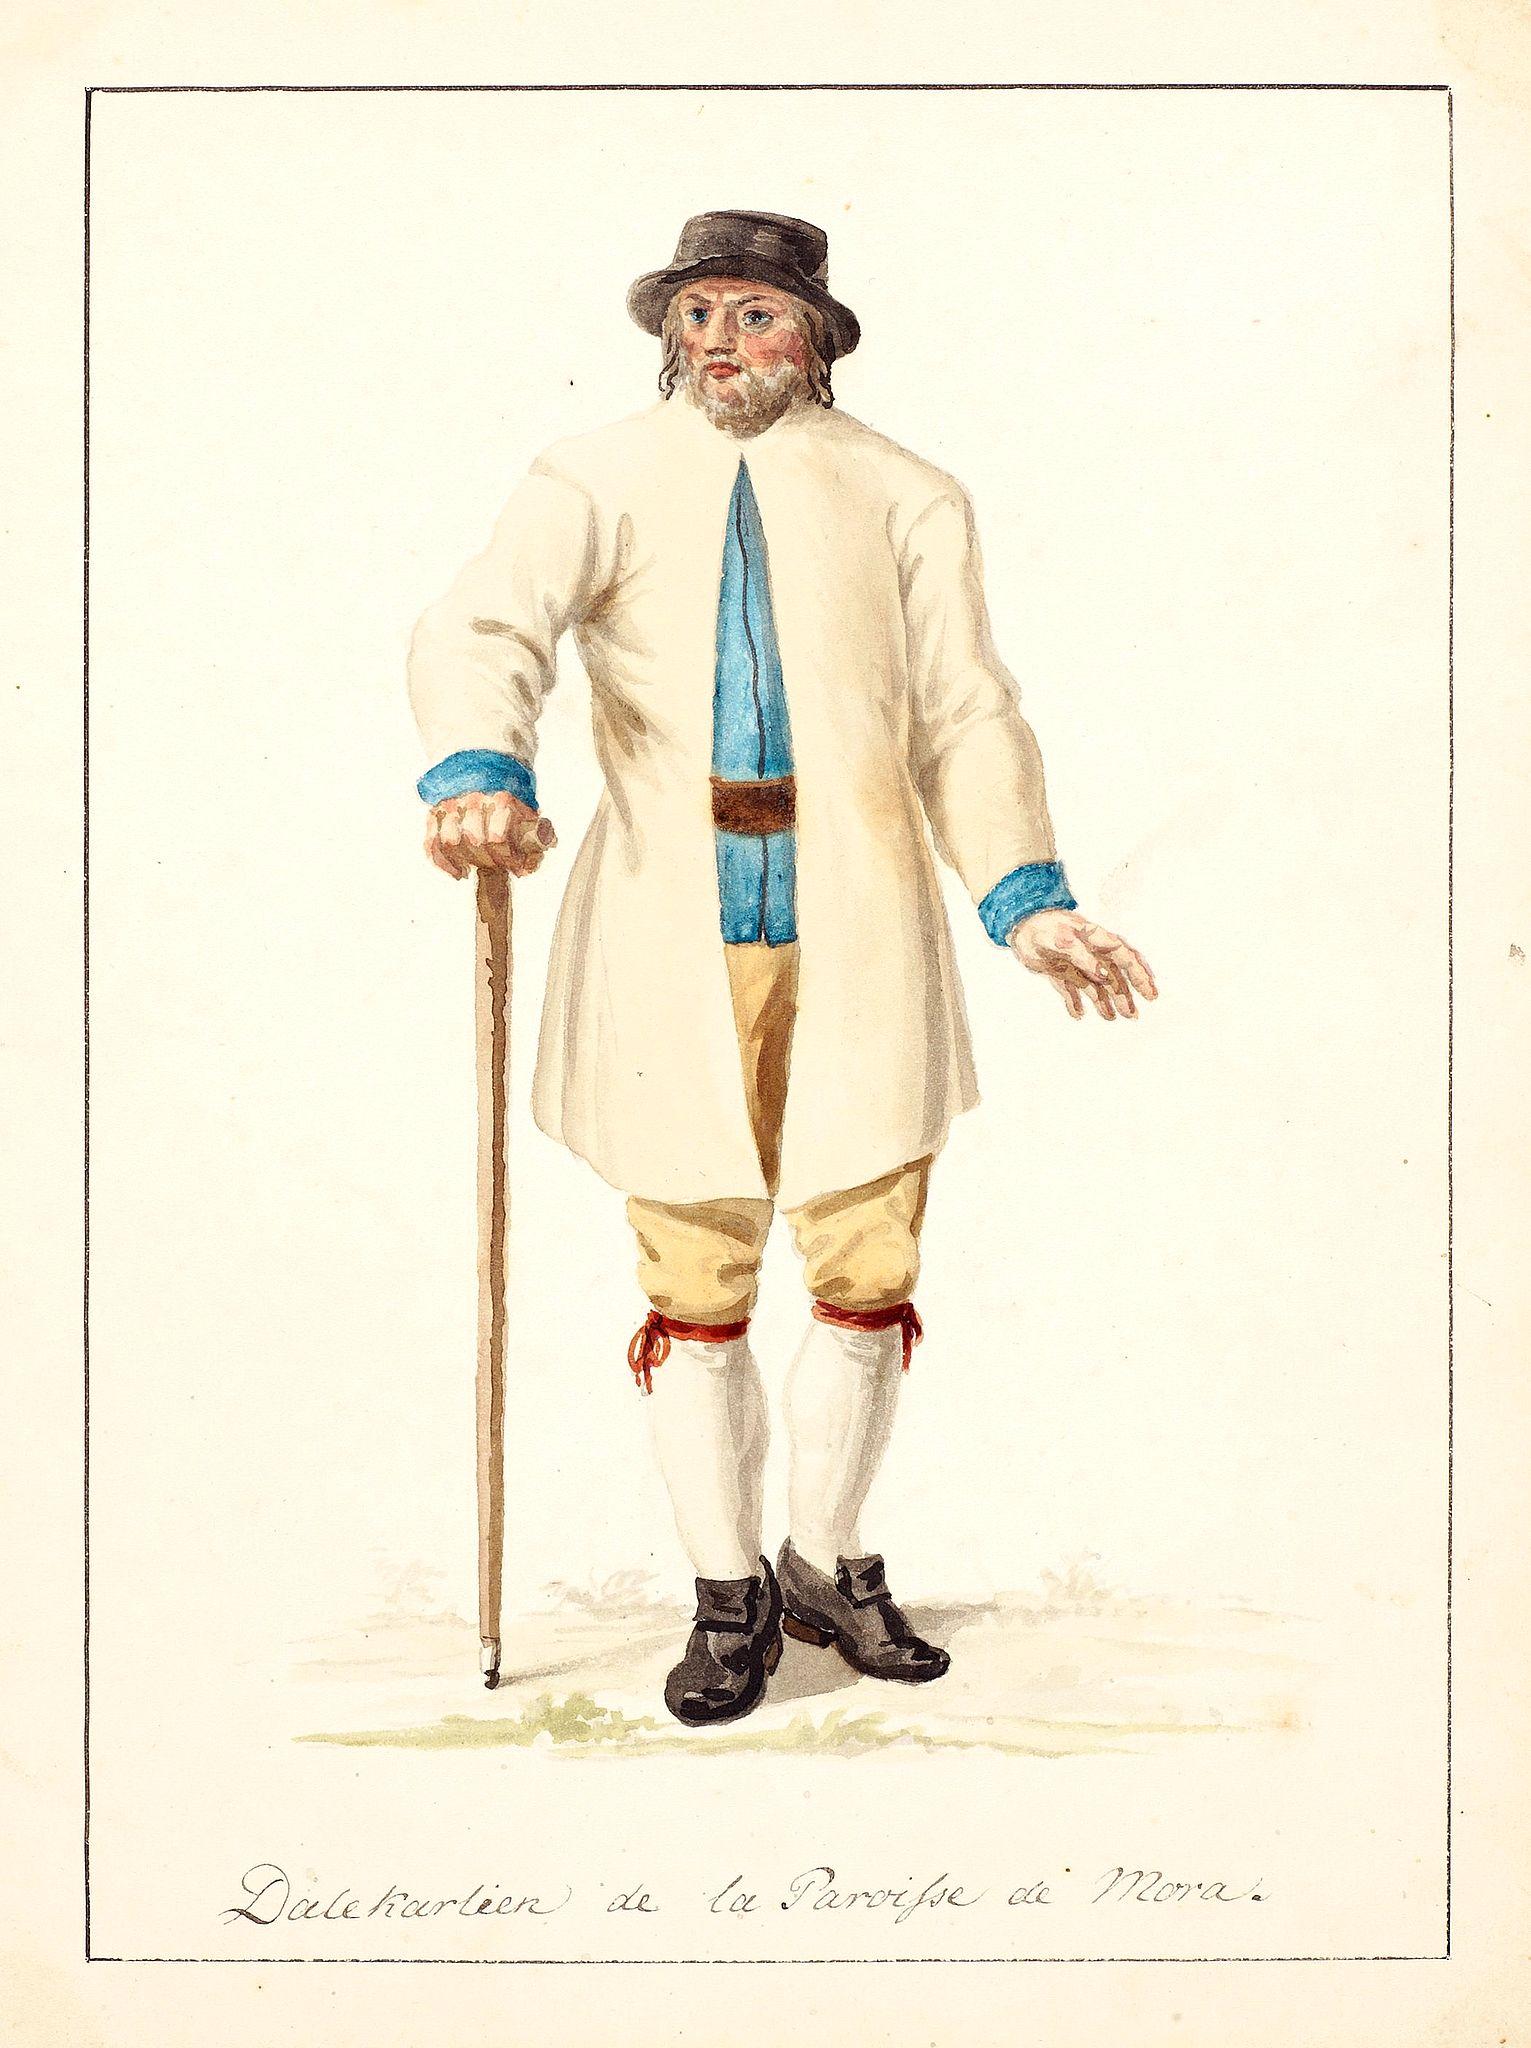 SWEDMAN, C.W. attributed to -  Dalekarlier de la Paroisse de Mora.